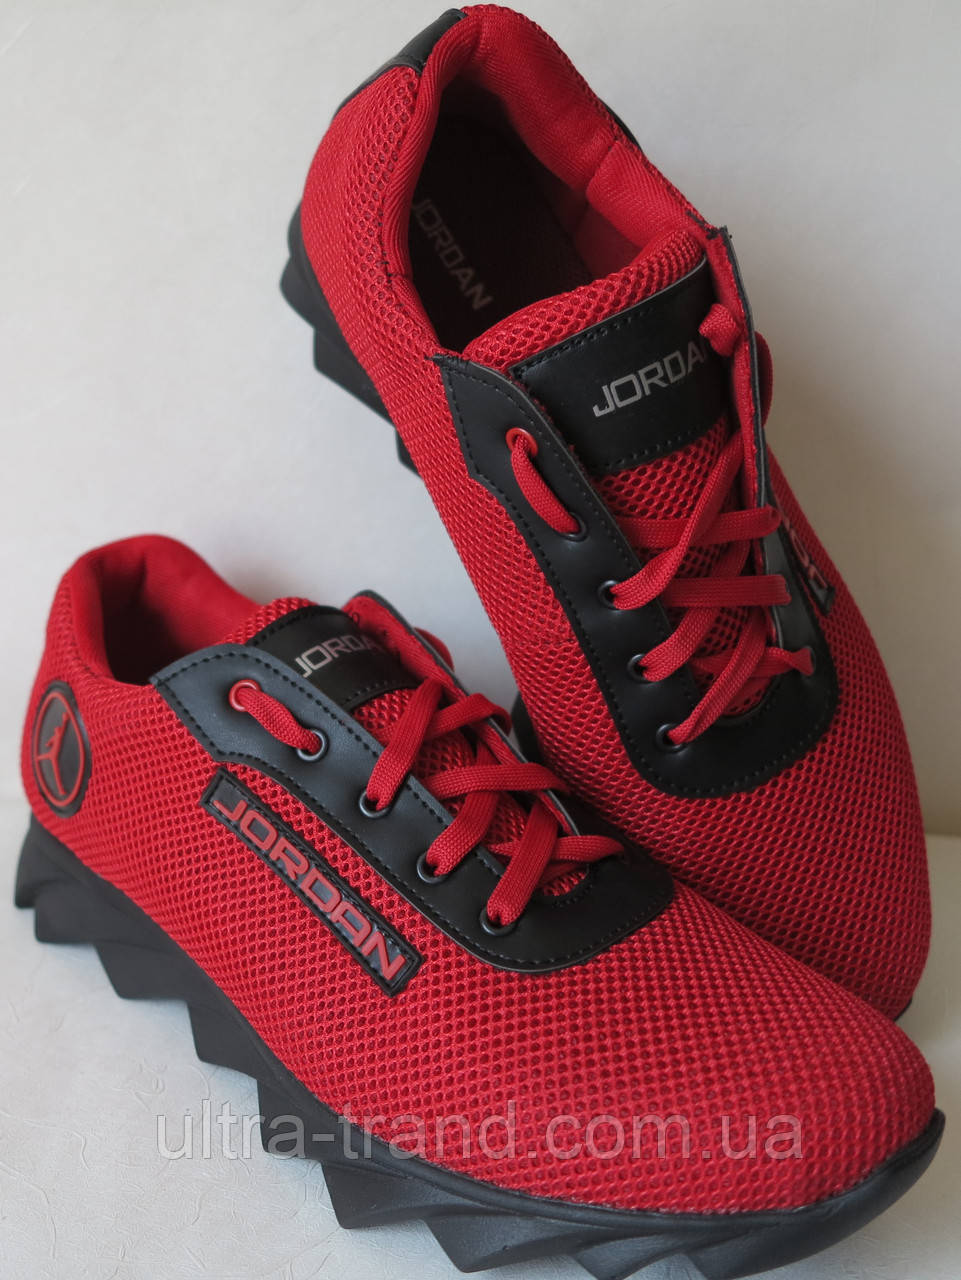 Летние мужские кроссовки в стиле Jordan! красная сетка кожа